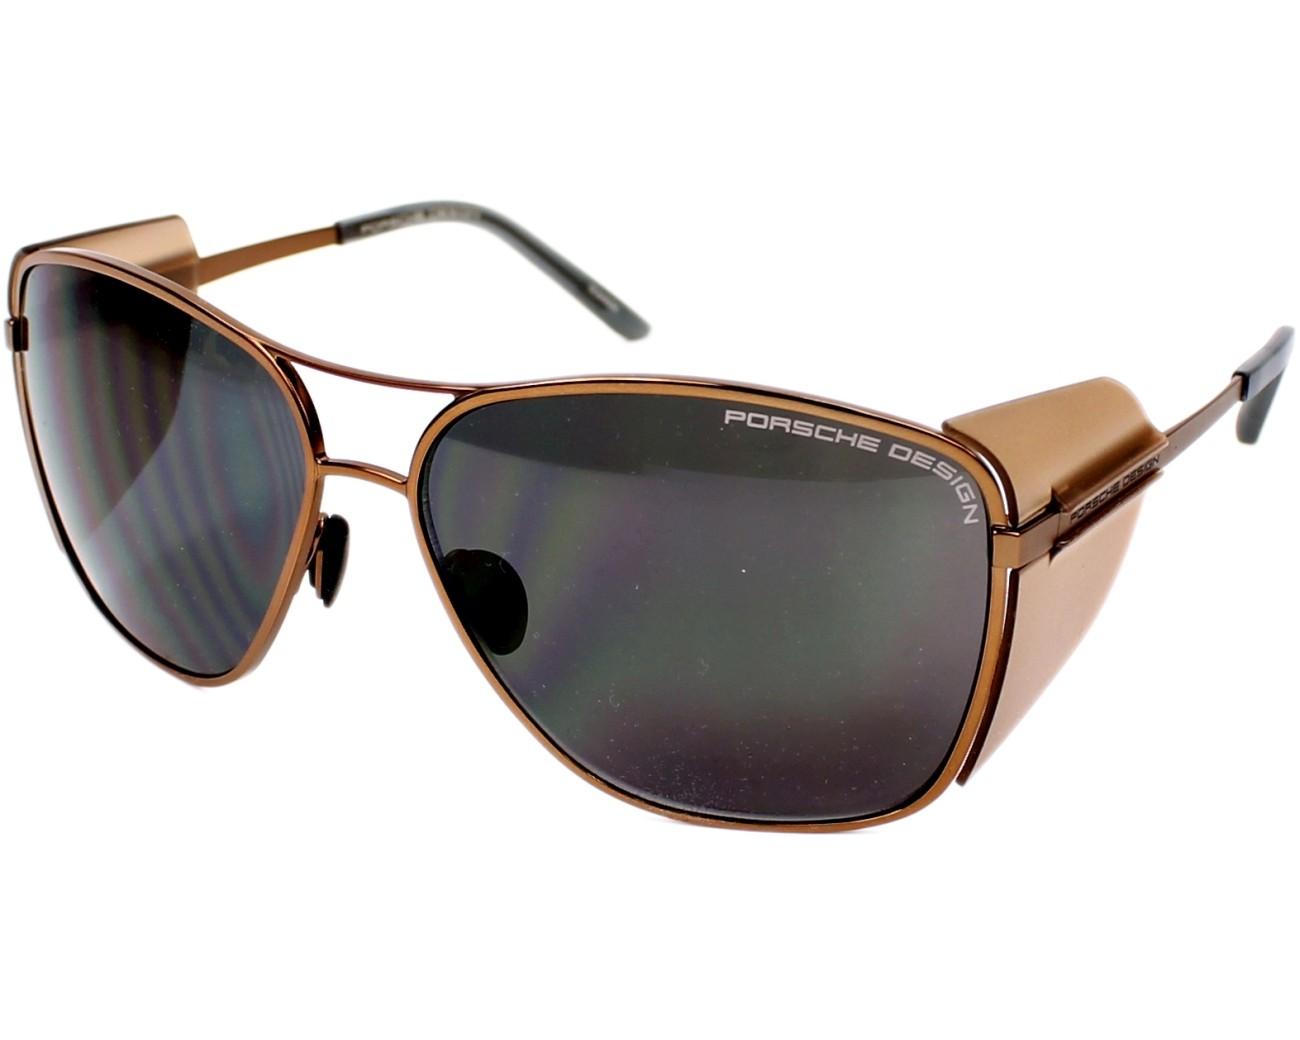 lunettes de soleil porsche design p 8600 d marron pas cher visionet. Black Bedroom Furniture Sets. Home Design Ideas